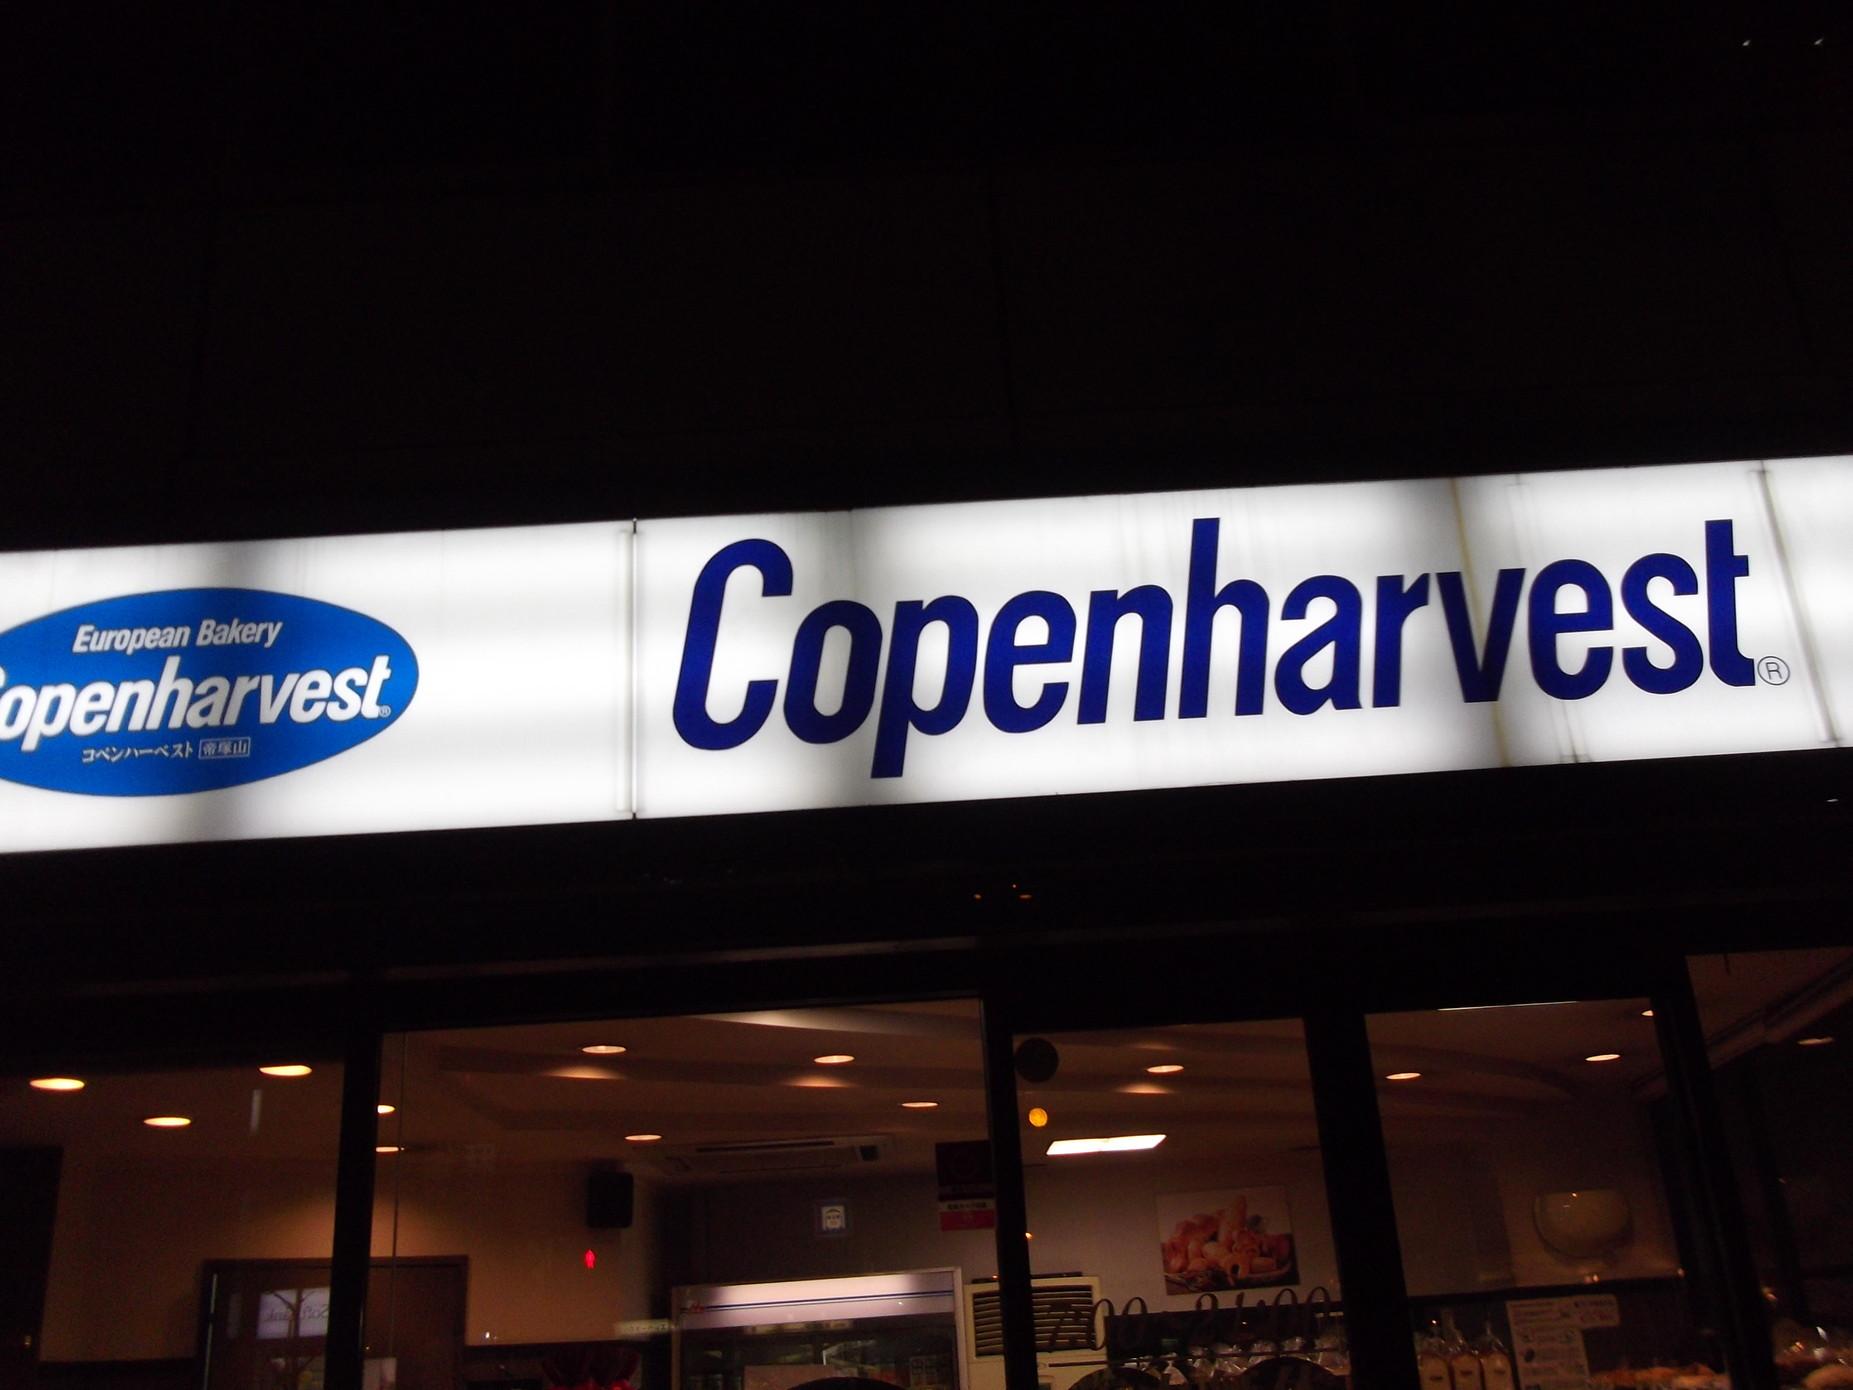 コペンハーベスト 南森町店